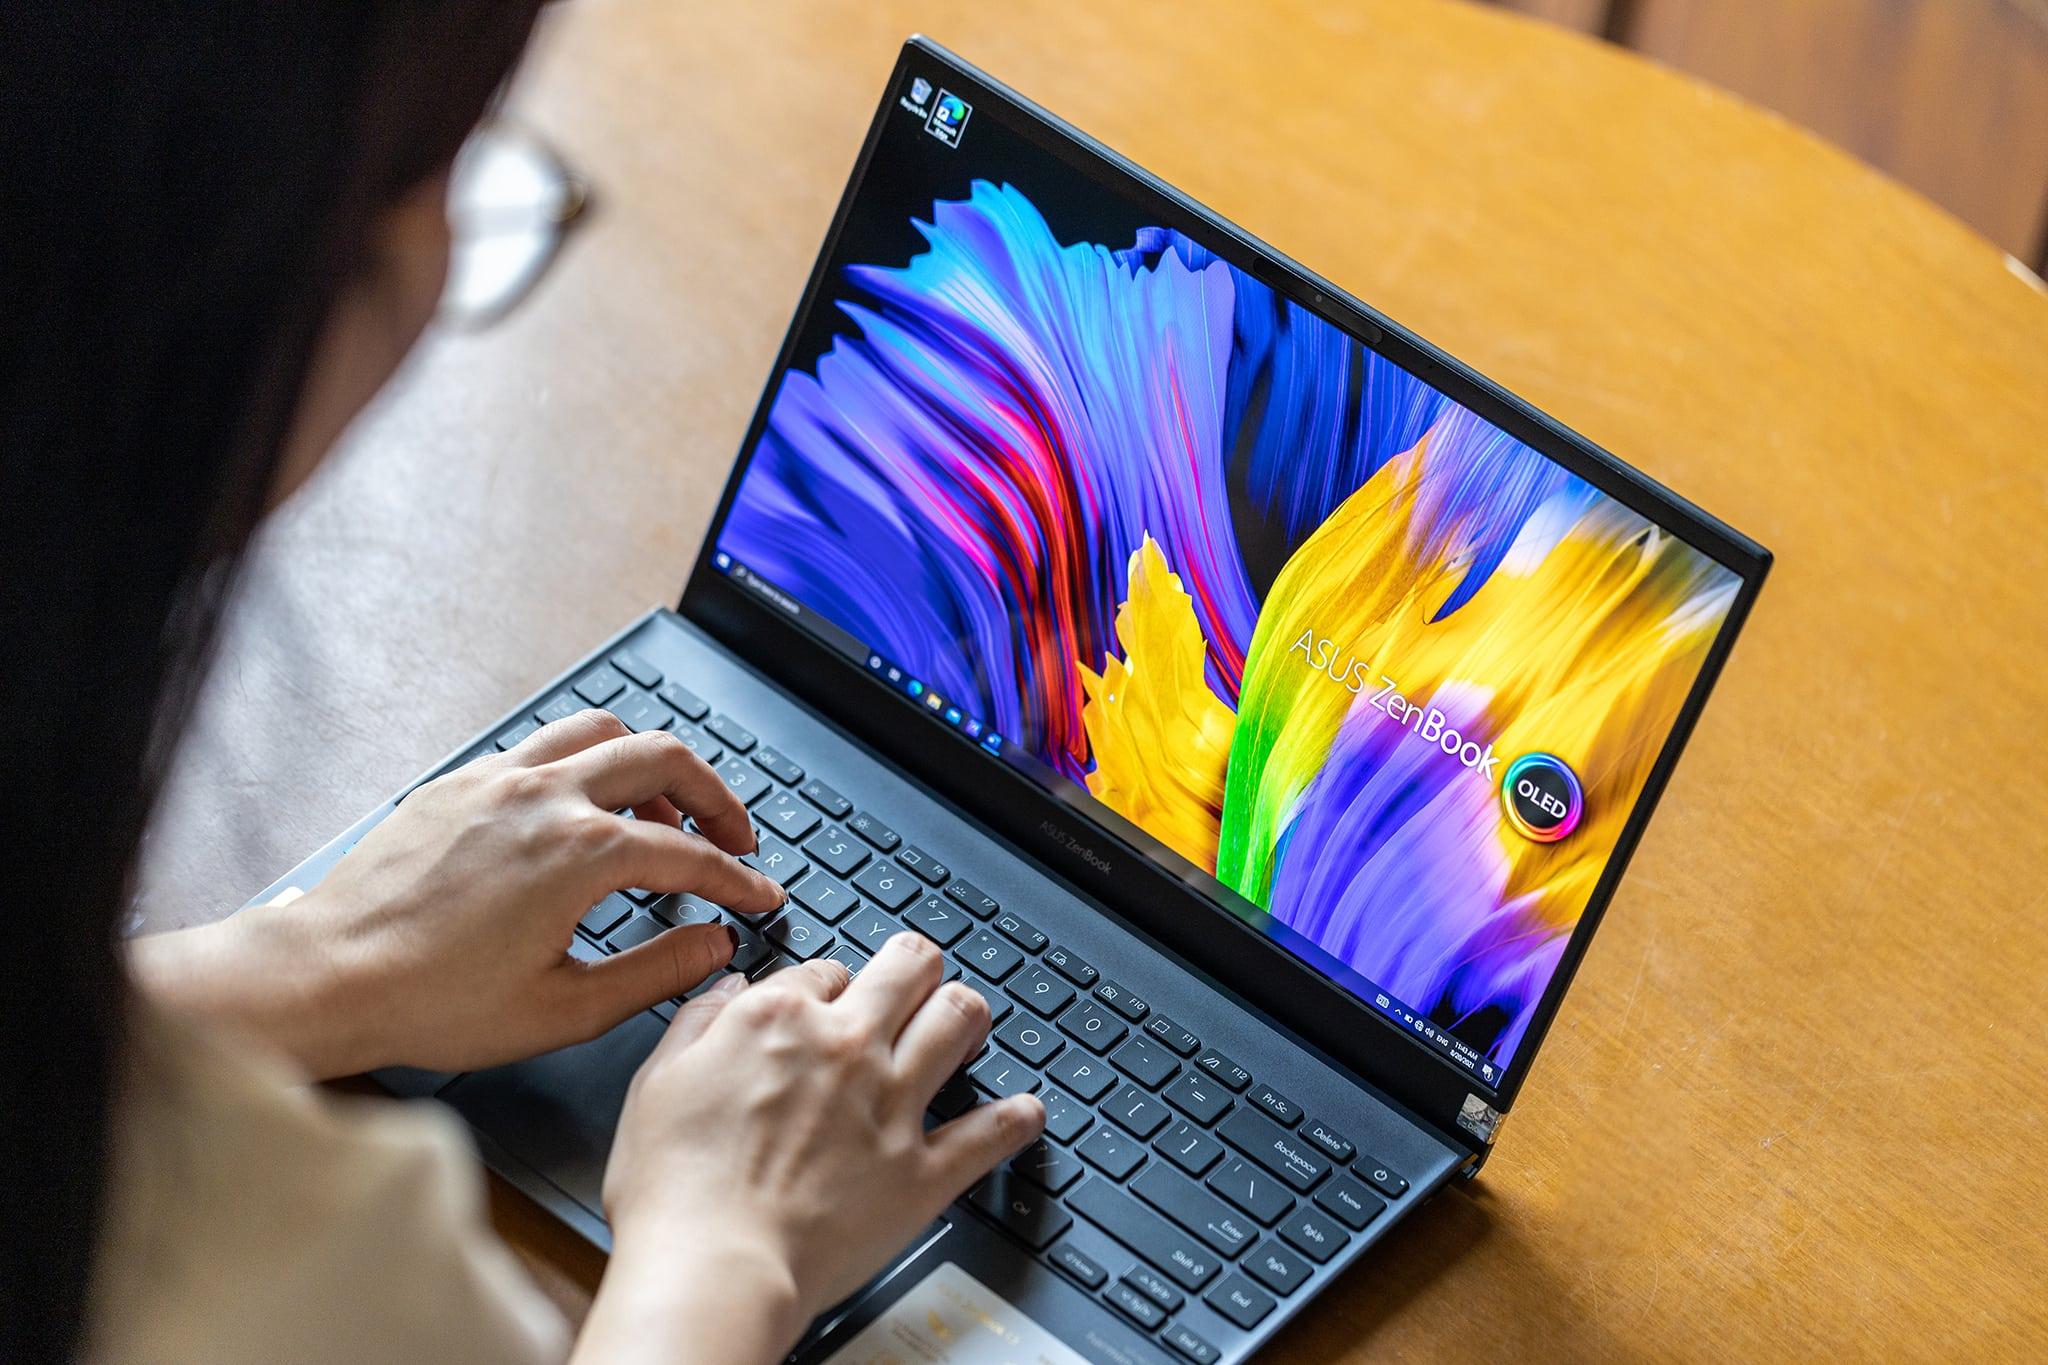 ZenBook 13 UX325 OLED chính là một trong những sản phẩm máy tính xách tay ASUS được trang bị màn hình OLED